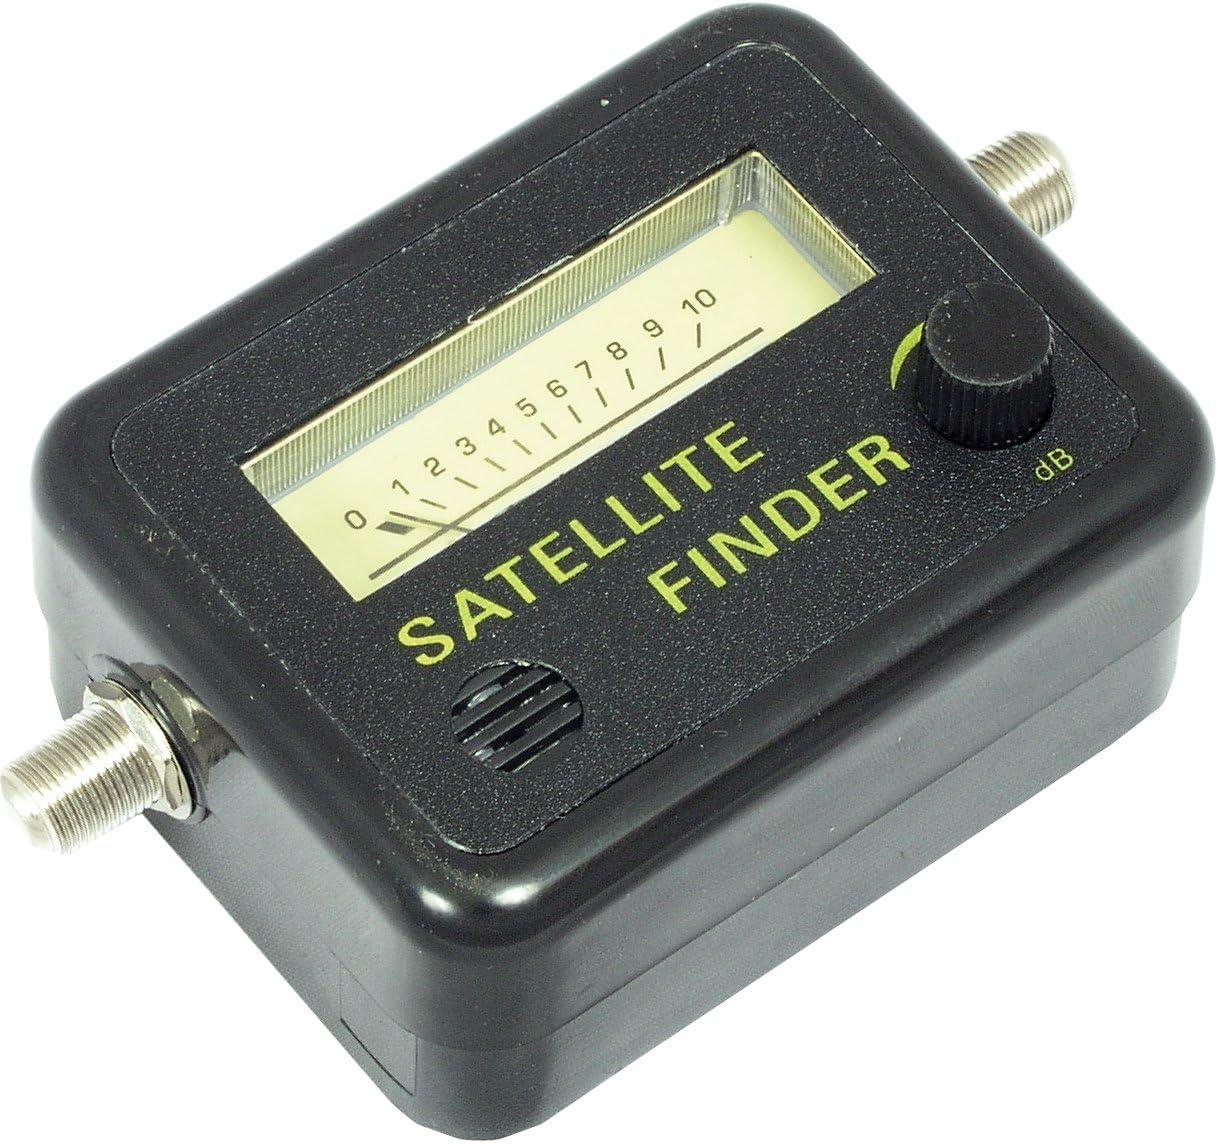 Metronic 450003 Buscador, localizador de satélites acústico, Negro, Pequeño